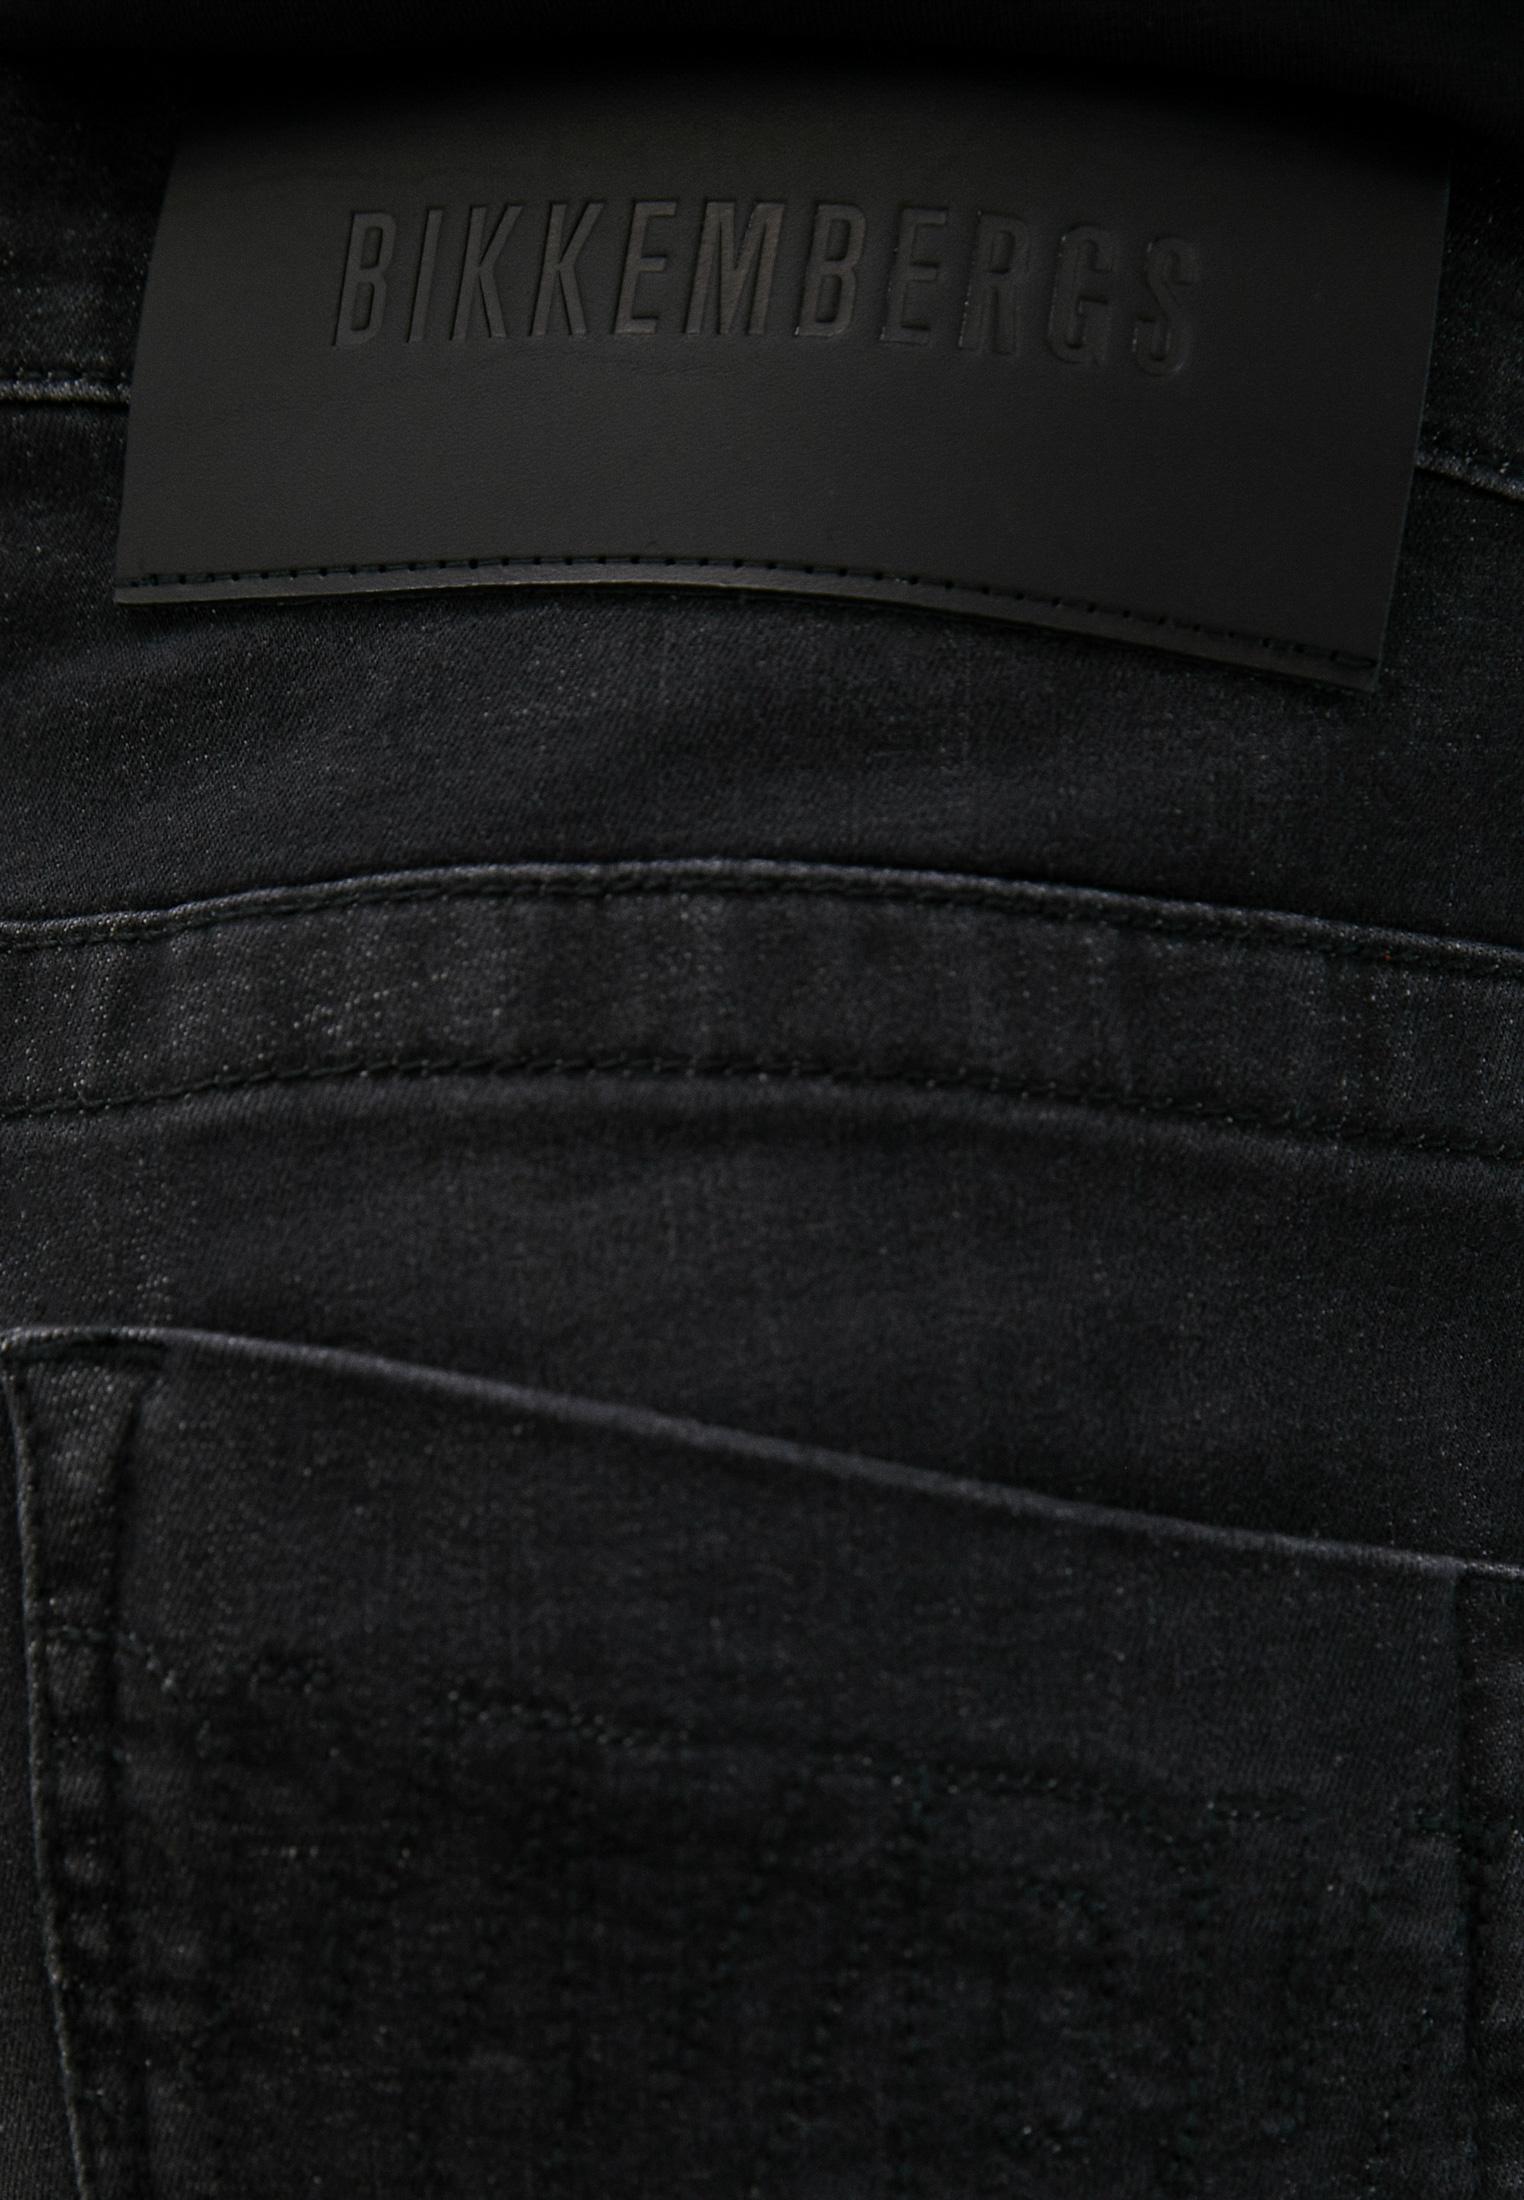 Мужские зауженные джинсы Bikkembergs (Биккембергс) C Q 101 17 S 3446: изображение 10